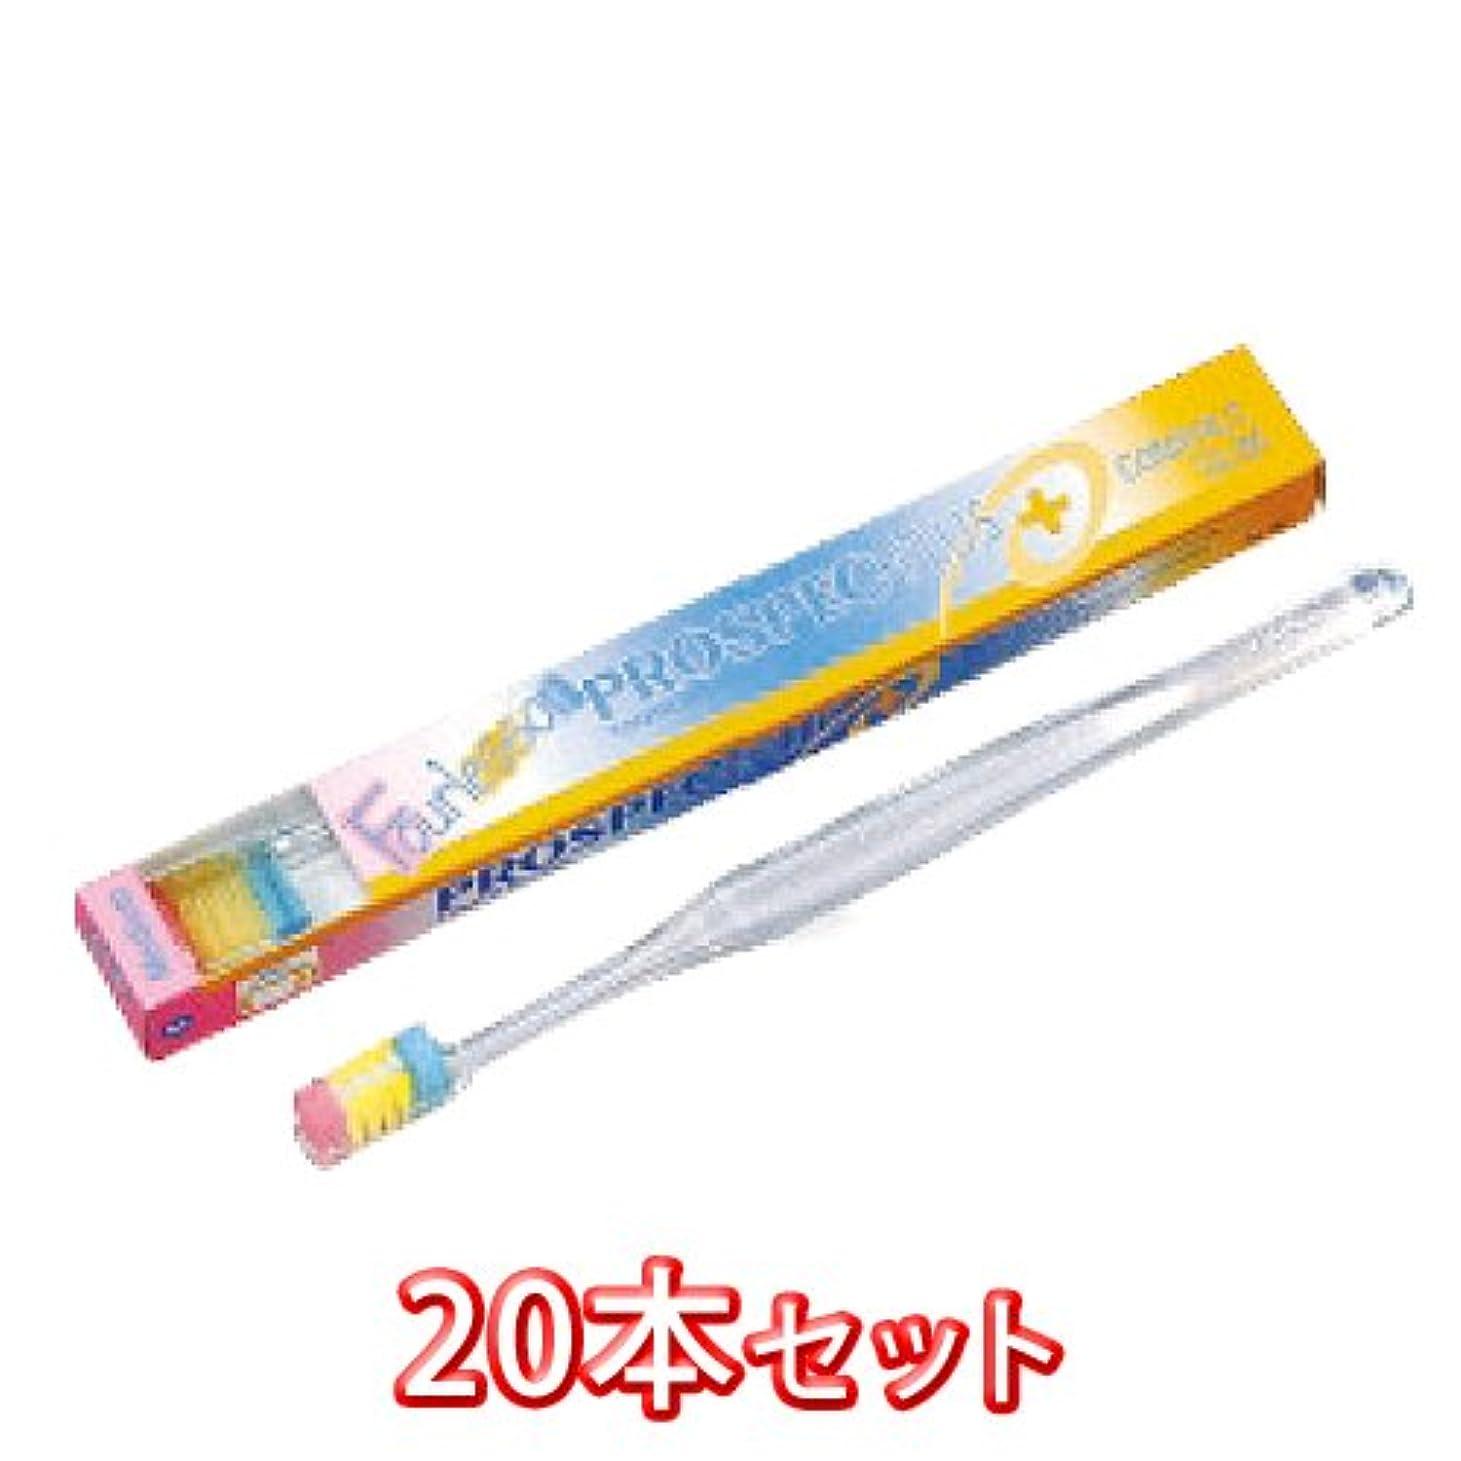 ペストリー締める警告プロスペック 歯ブラシ コンパクトスリム 20本入 フォーレッスン 毛の硬さ ふつう